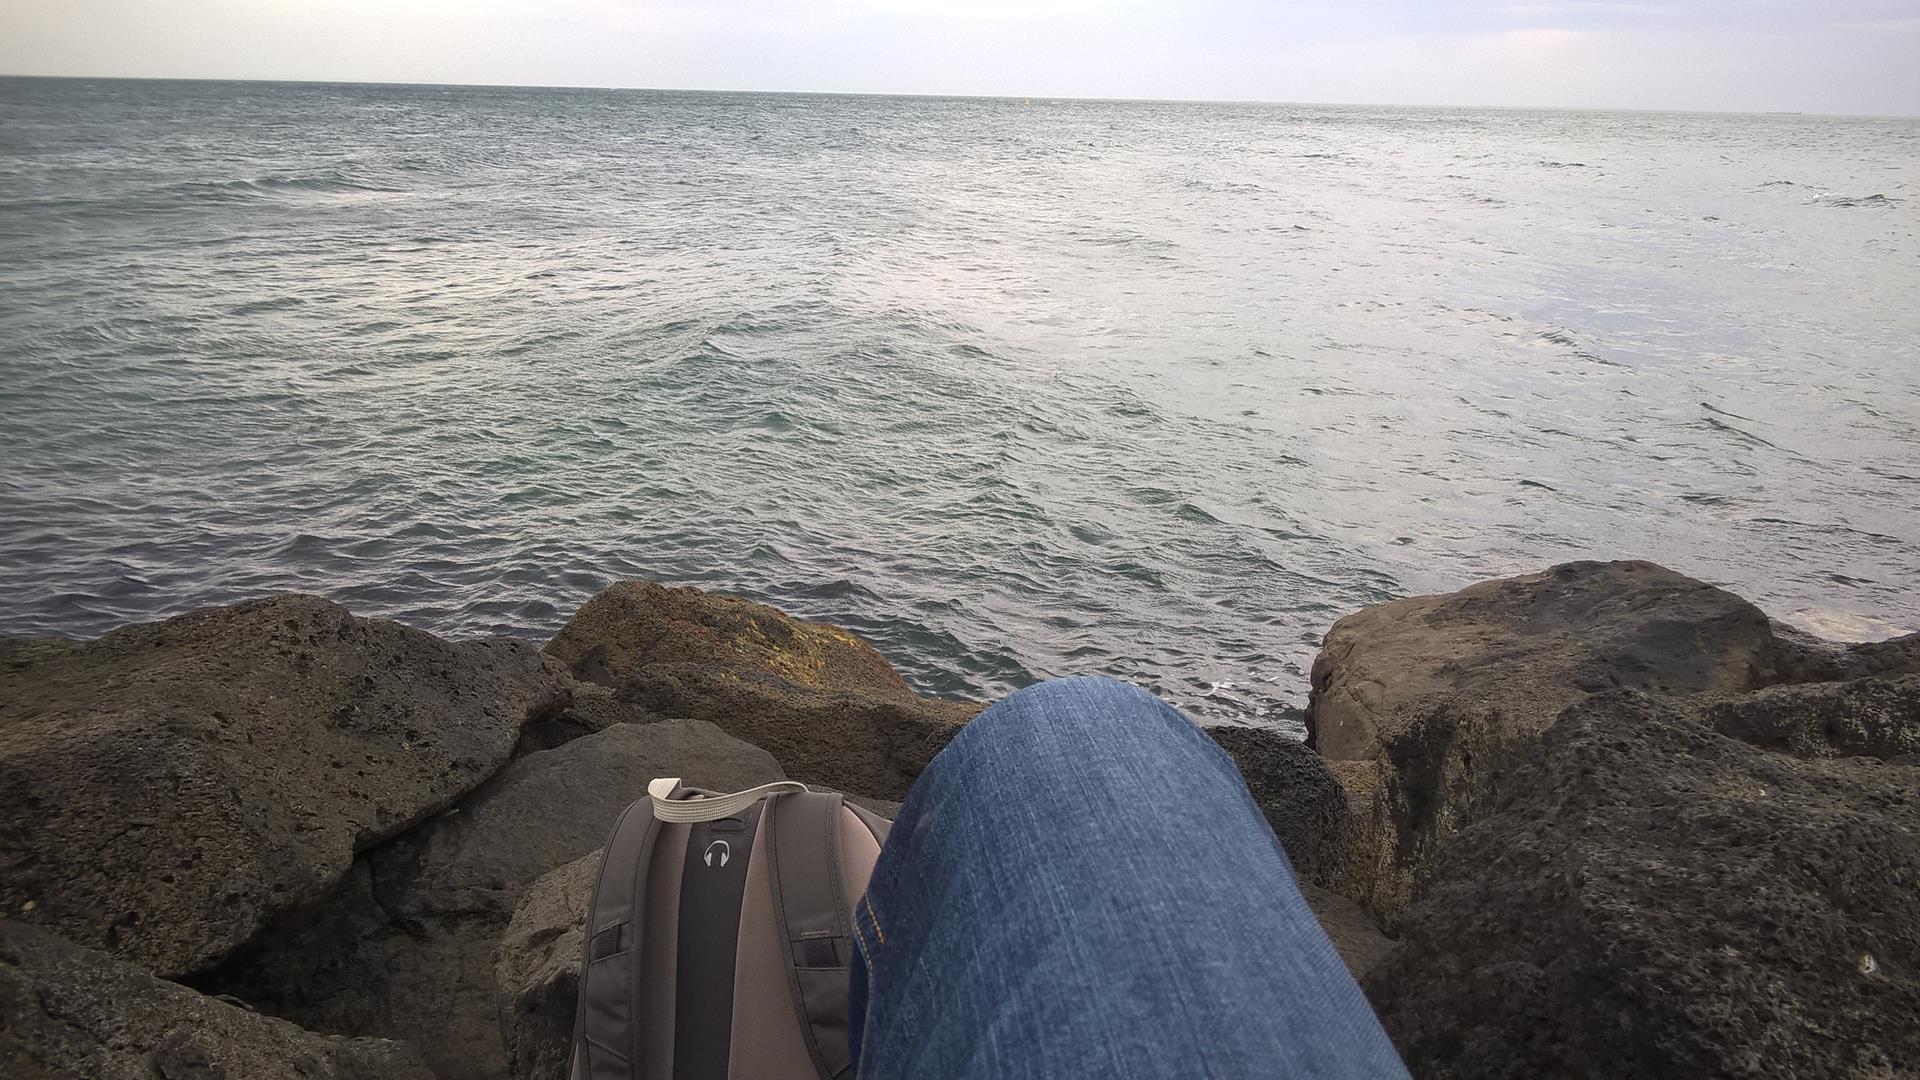 Wieder an der Küste die Wellen beobachten